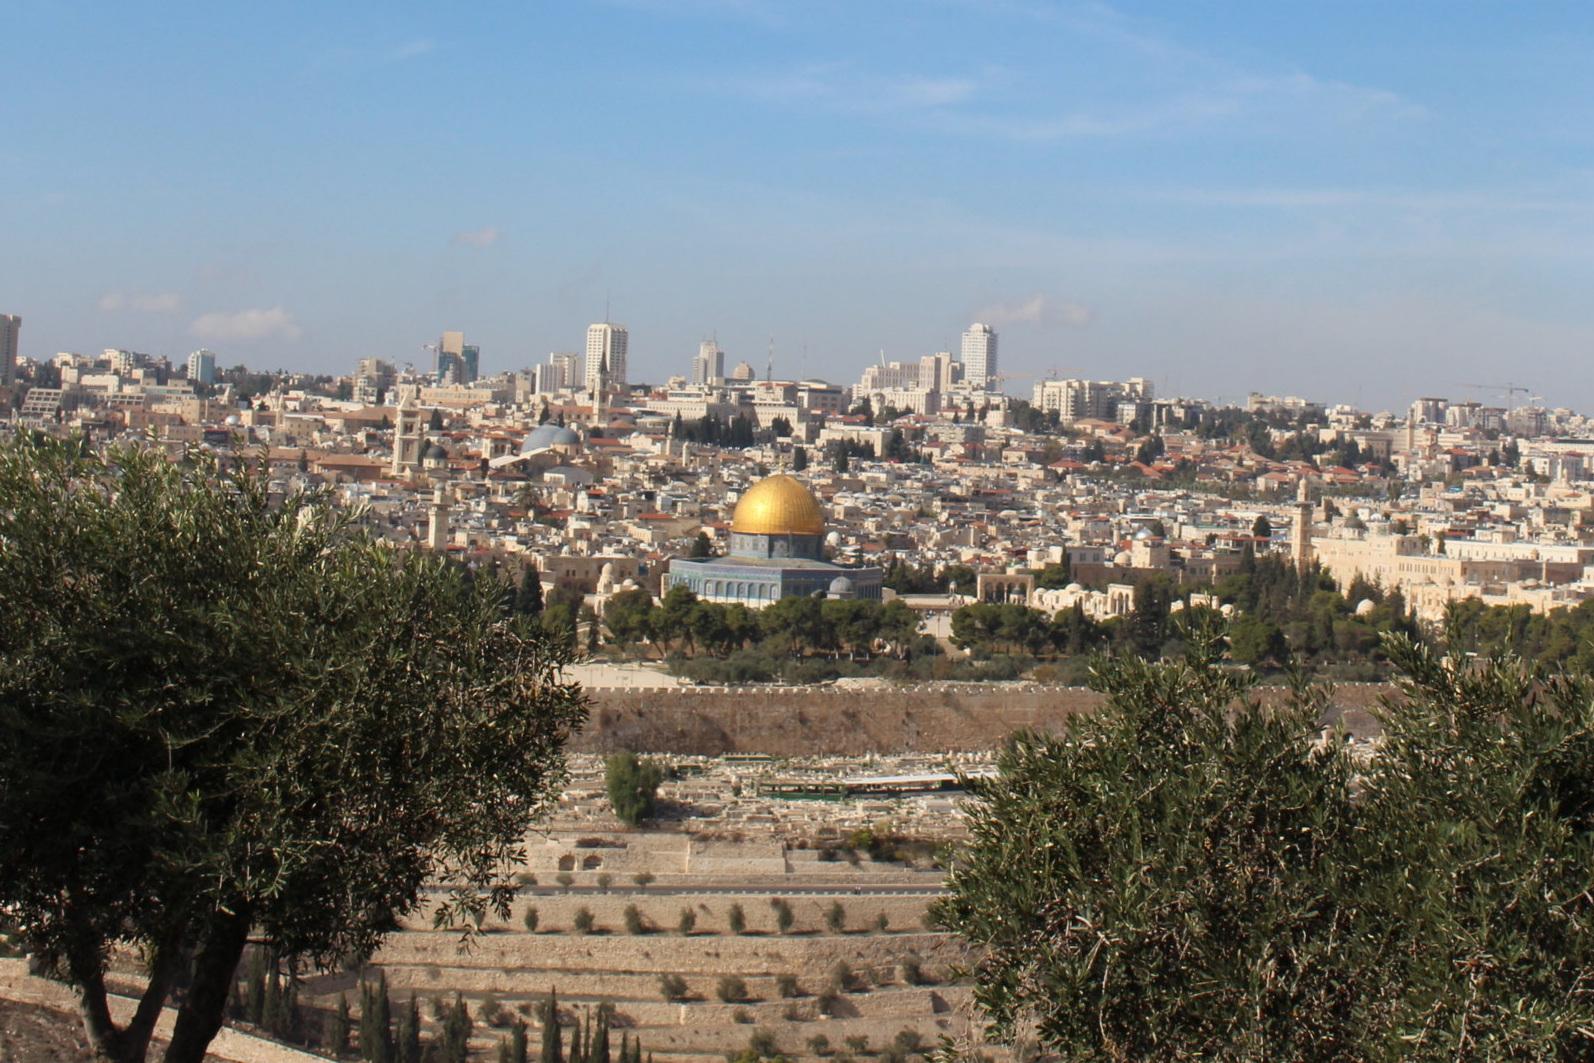 Sommige mensen denken bij het zien van de Gouden Rotskoepel moskee dat (alleen) dat Al Aqsa is. Echter, alles binnen de muren wordt gerekend als Al Aqsa.